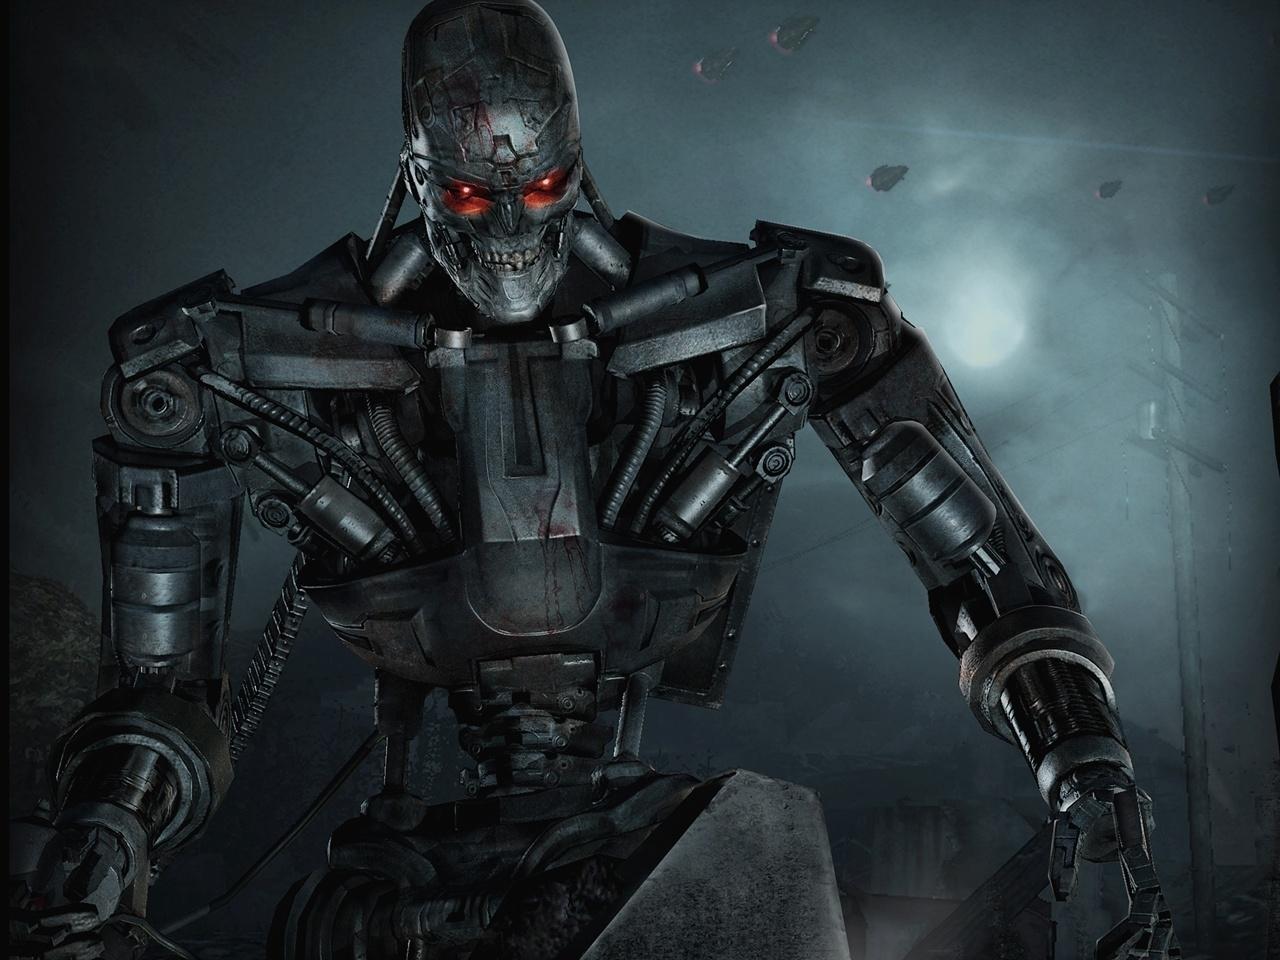 23508 Hintergrundbild herunterladen Kino, Terminator - Bildschirmschoner und Bilder kostenlos